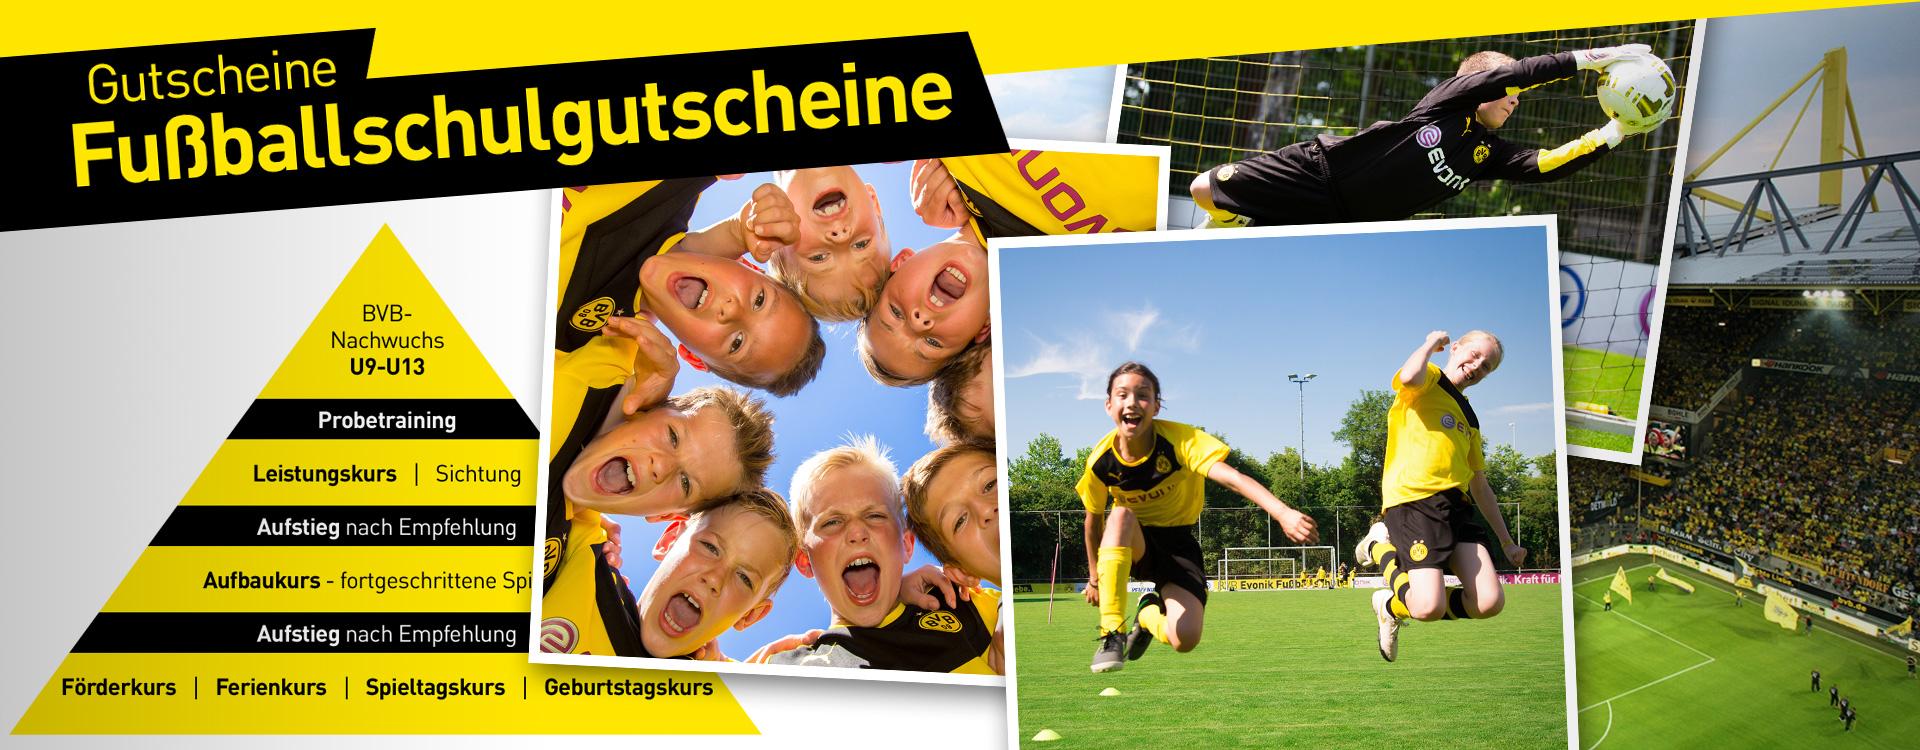 Gutscheine-Fussballschule